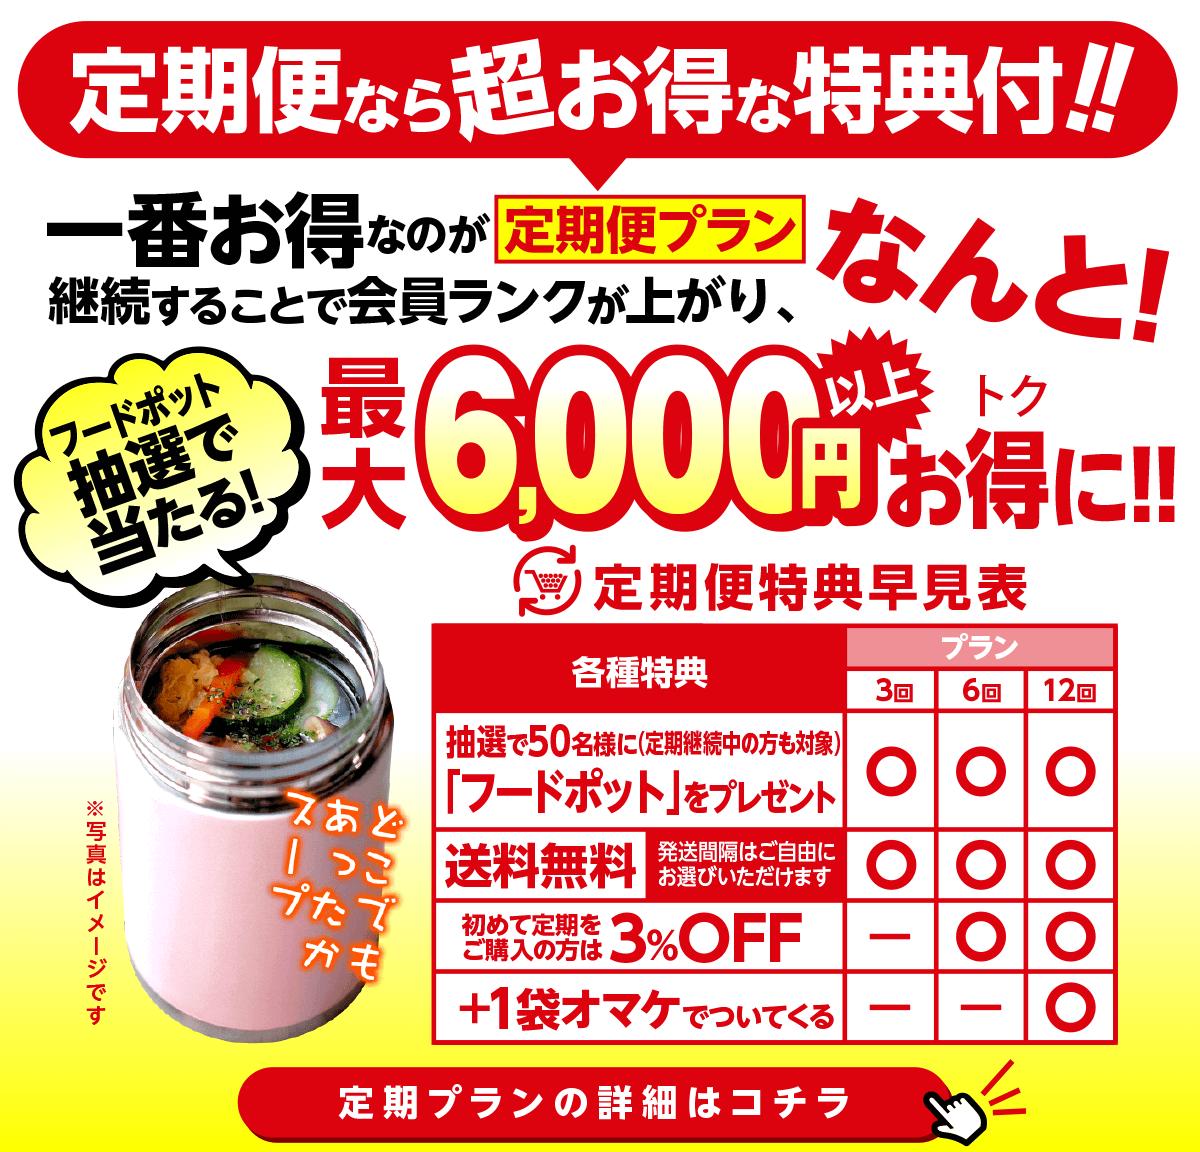 最大で6,000円お得になる定期便プラン!特典早見表